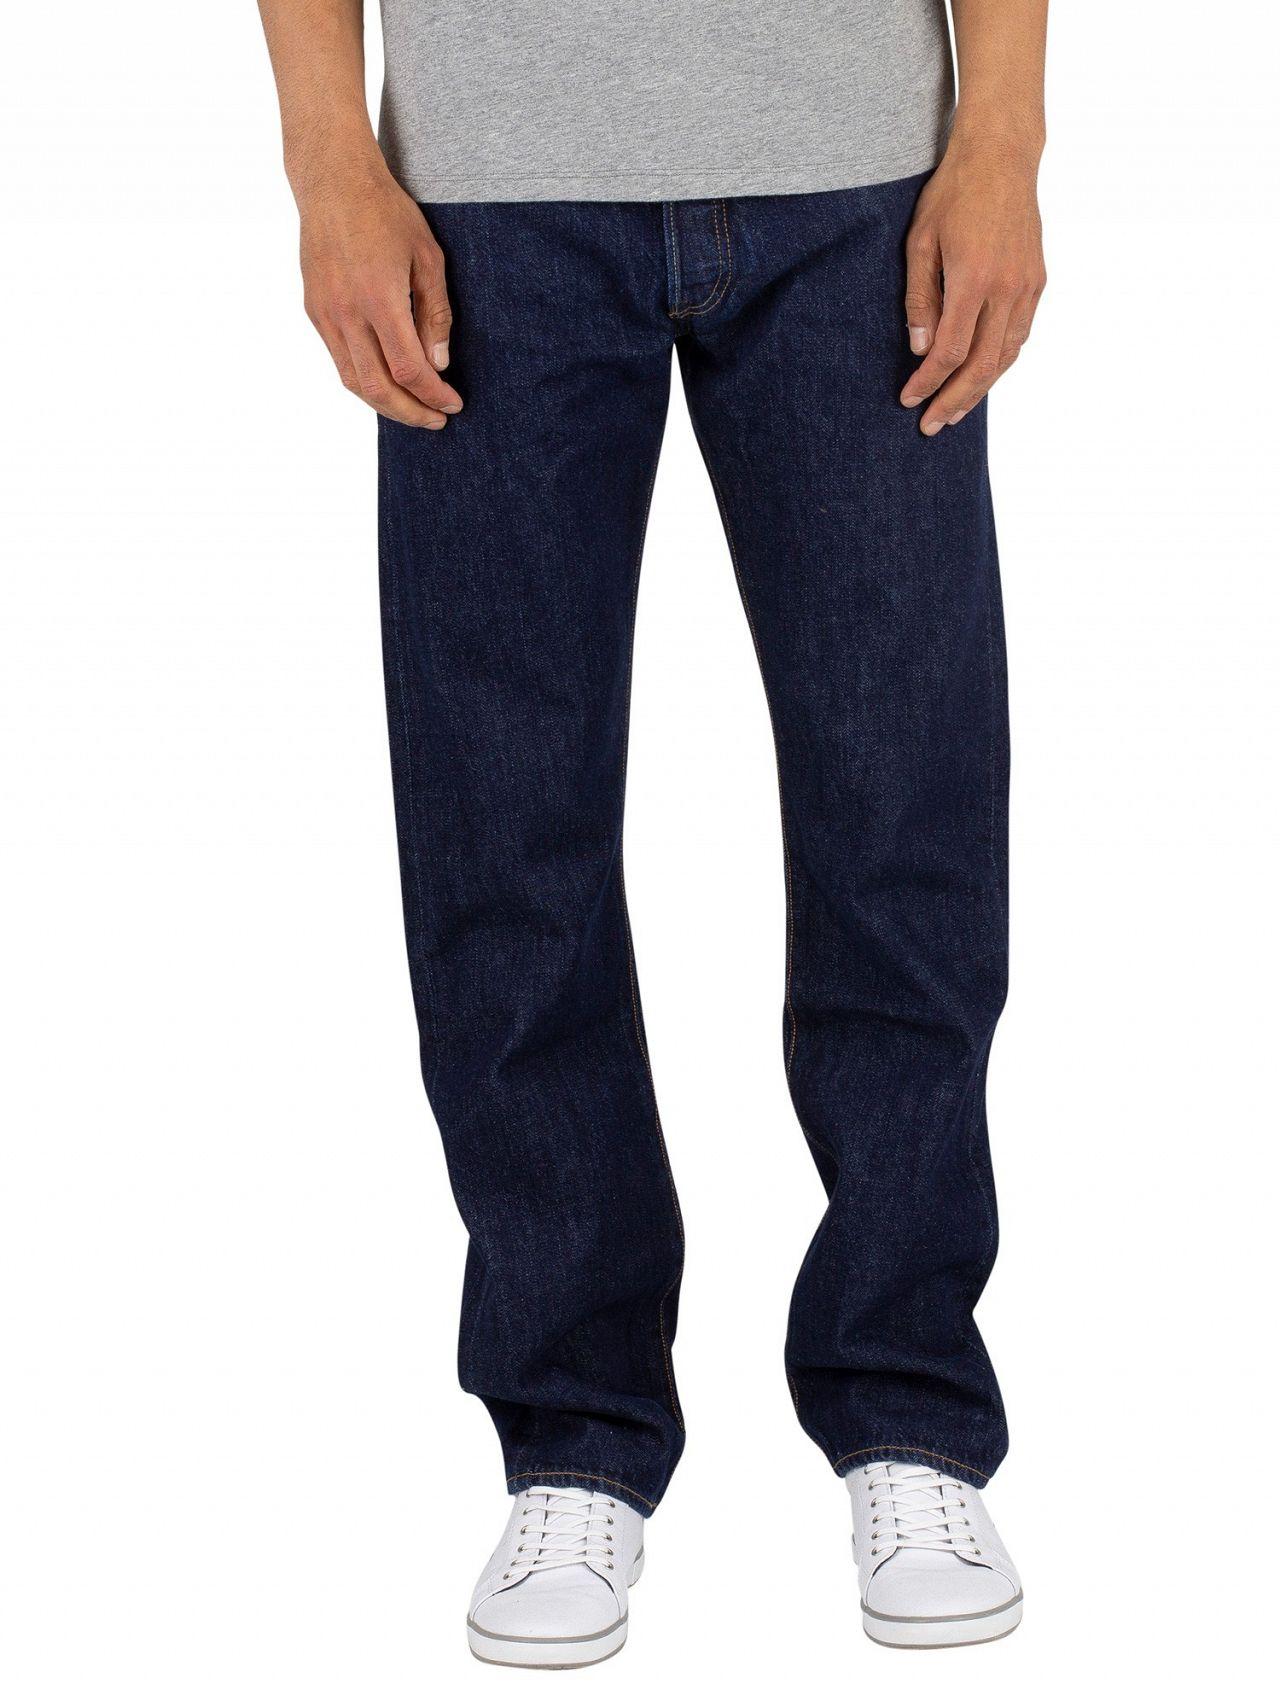 e0cacb3a8fe25b Levi's Onewash 501 Original Fit Jeans | Standout